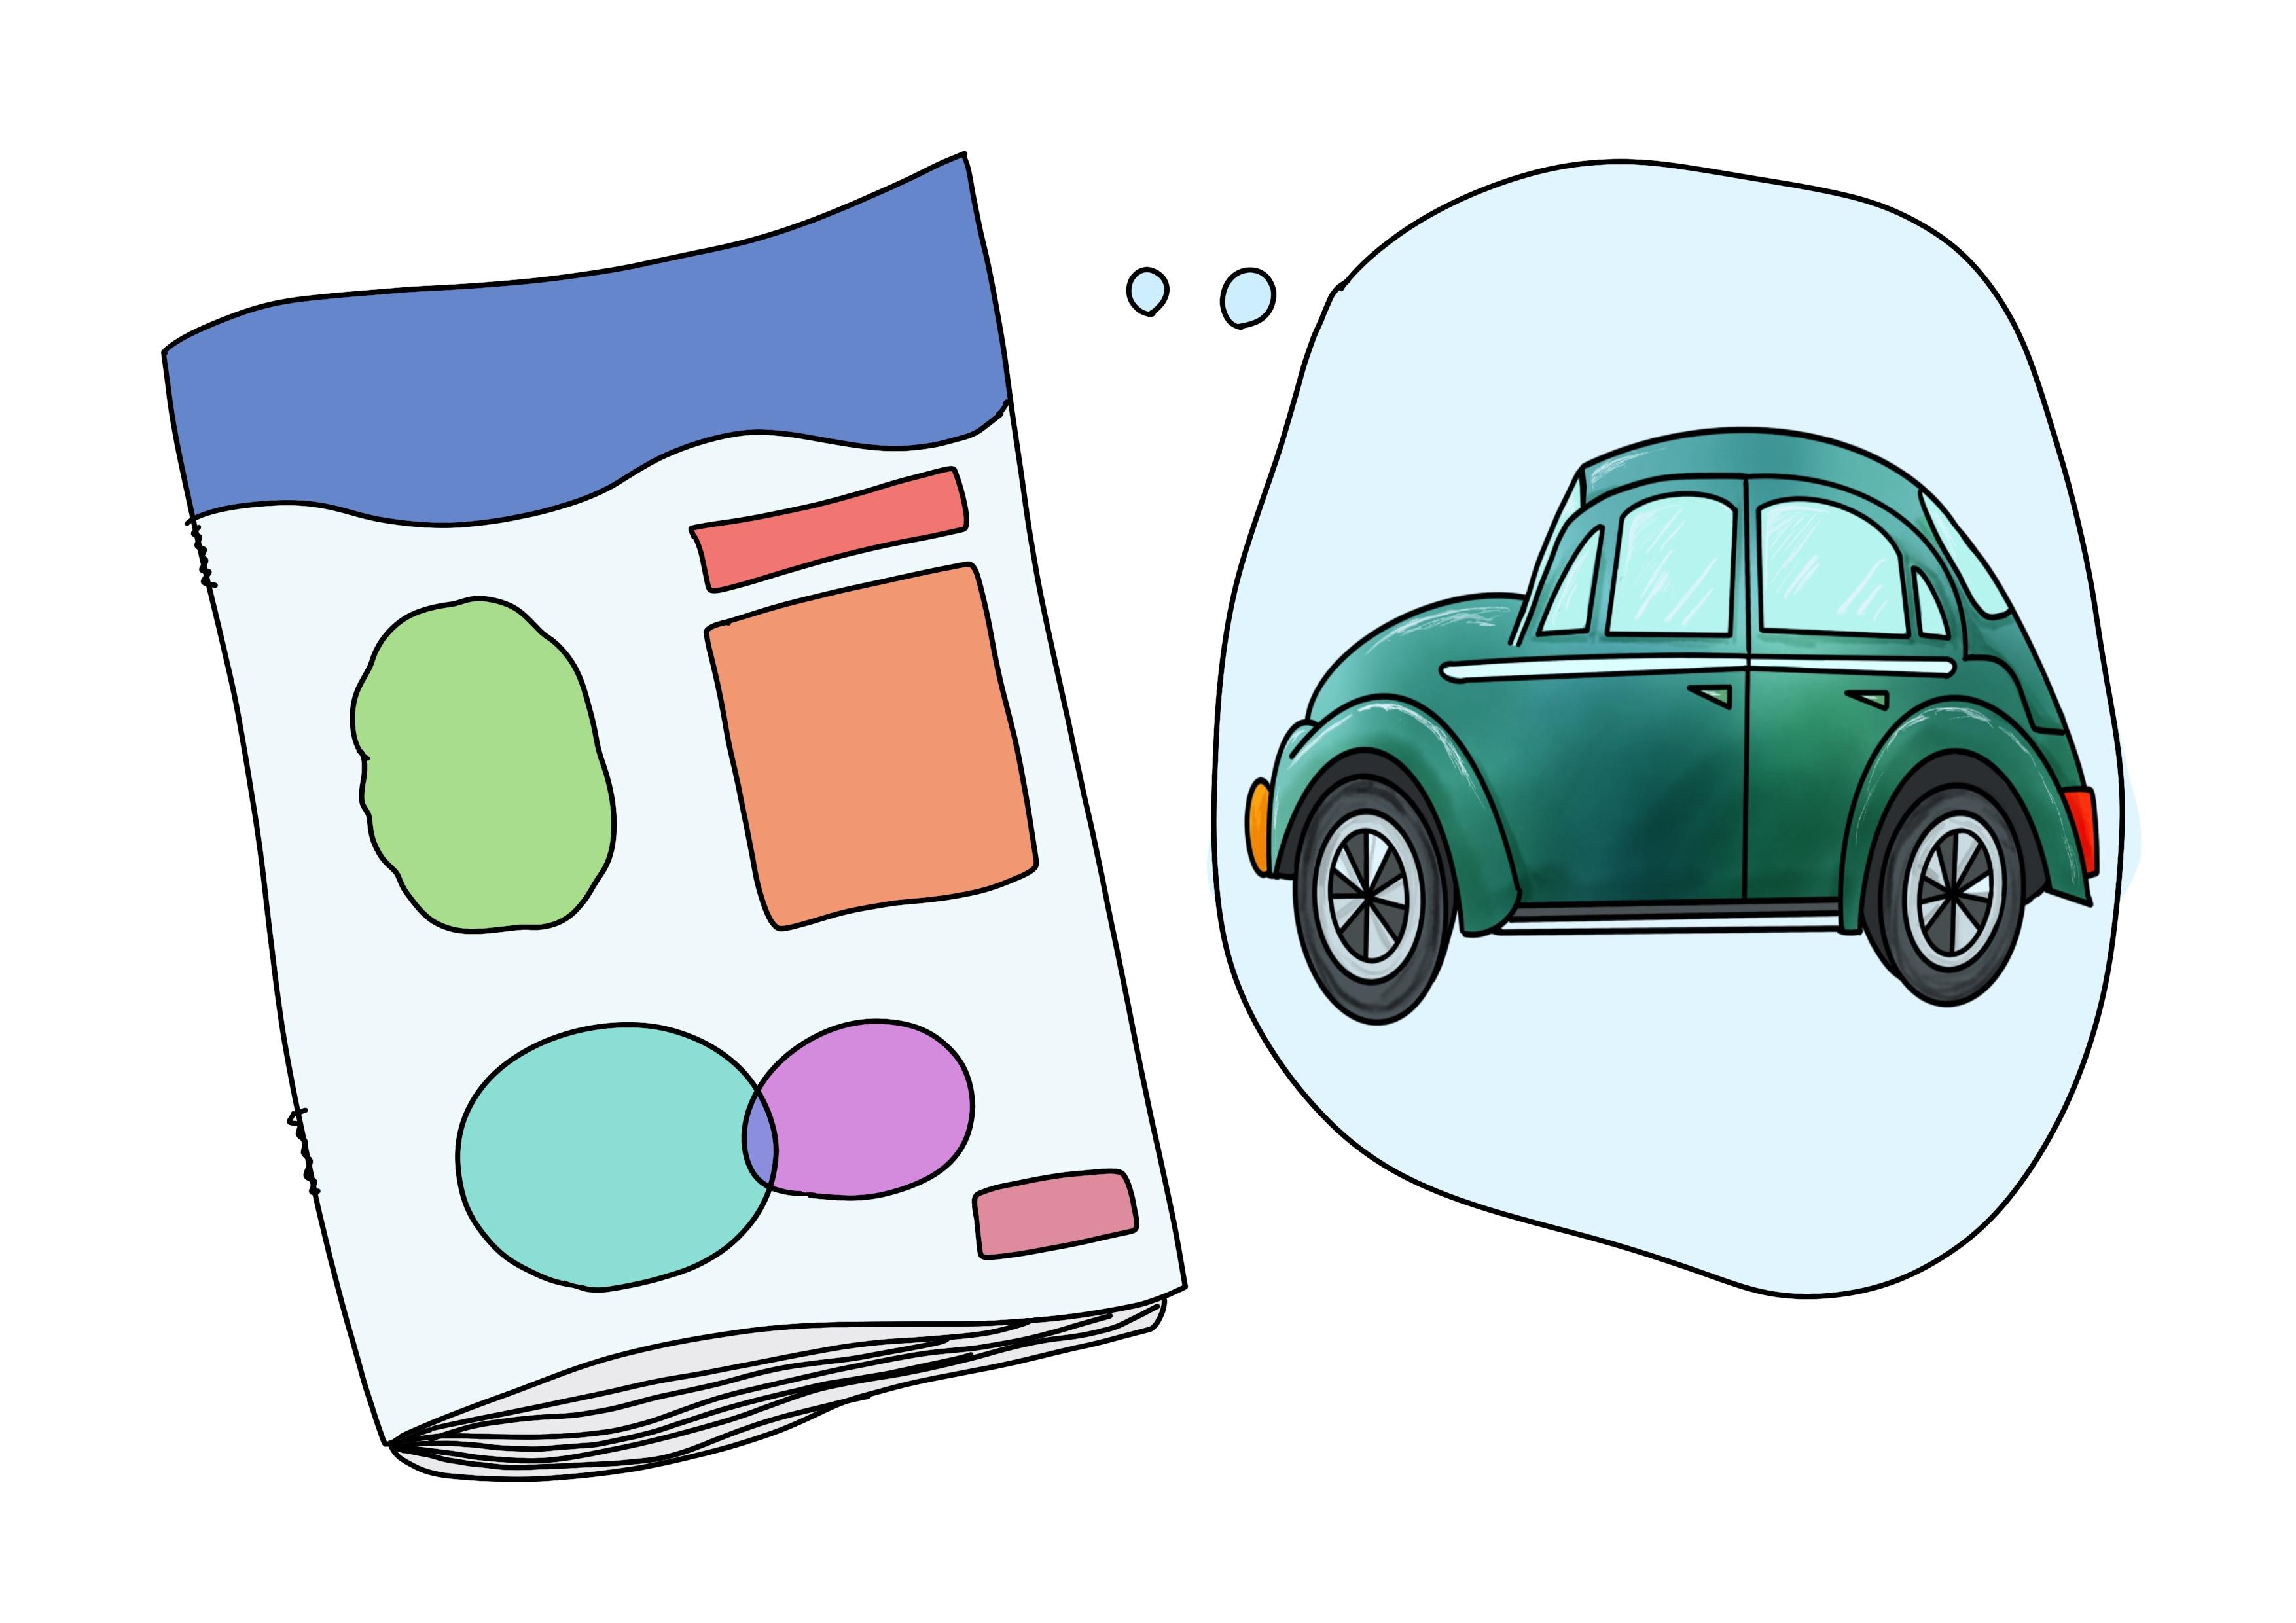 2課イラスト【車の雑誌】